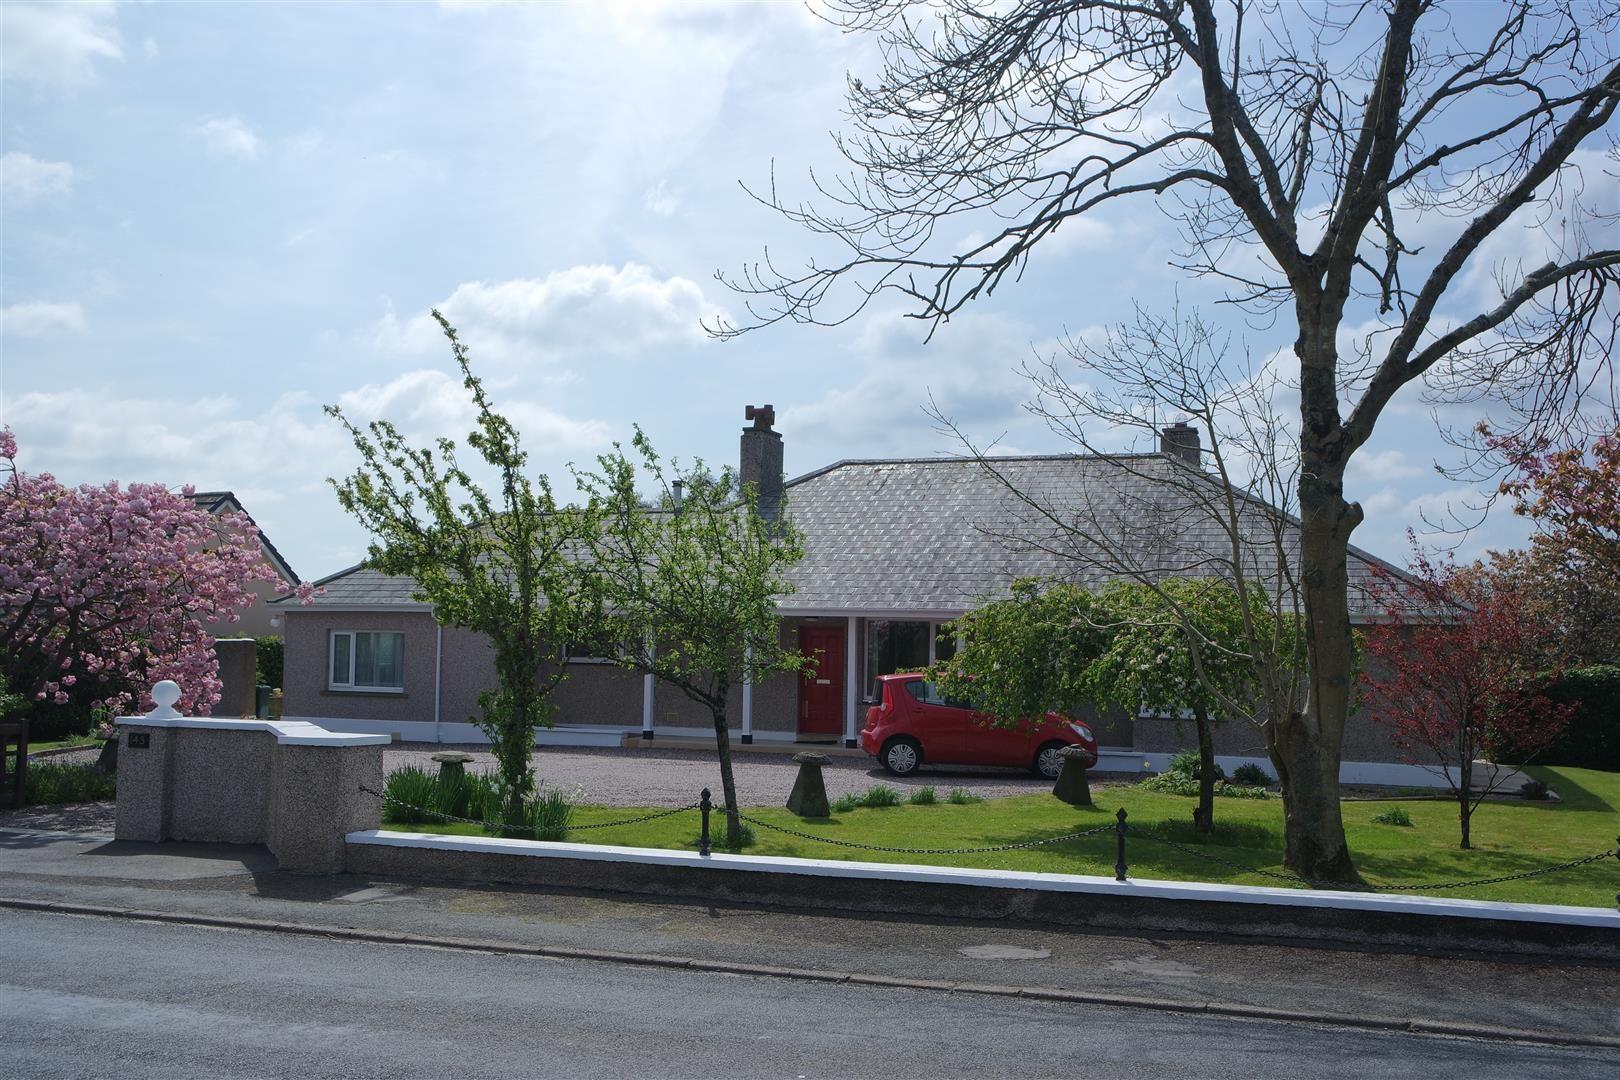 Property photo 1 of 11. Sam_4752.Jpg